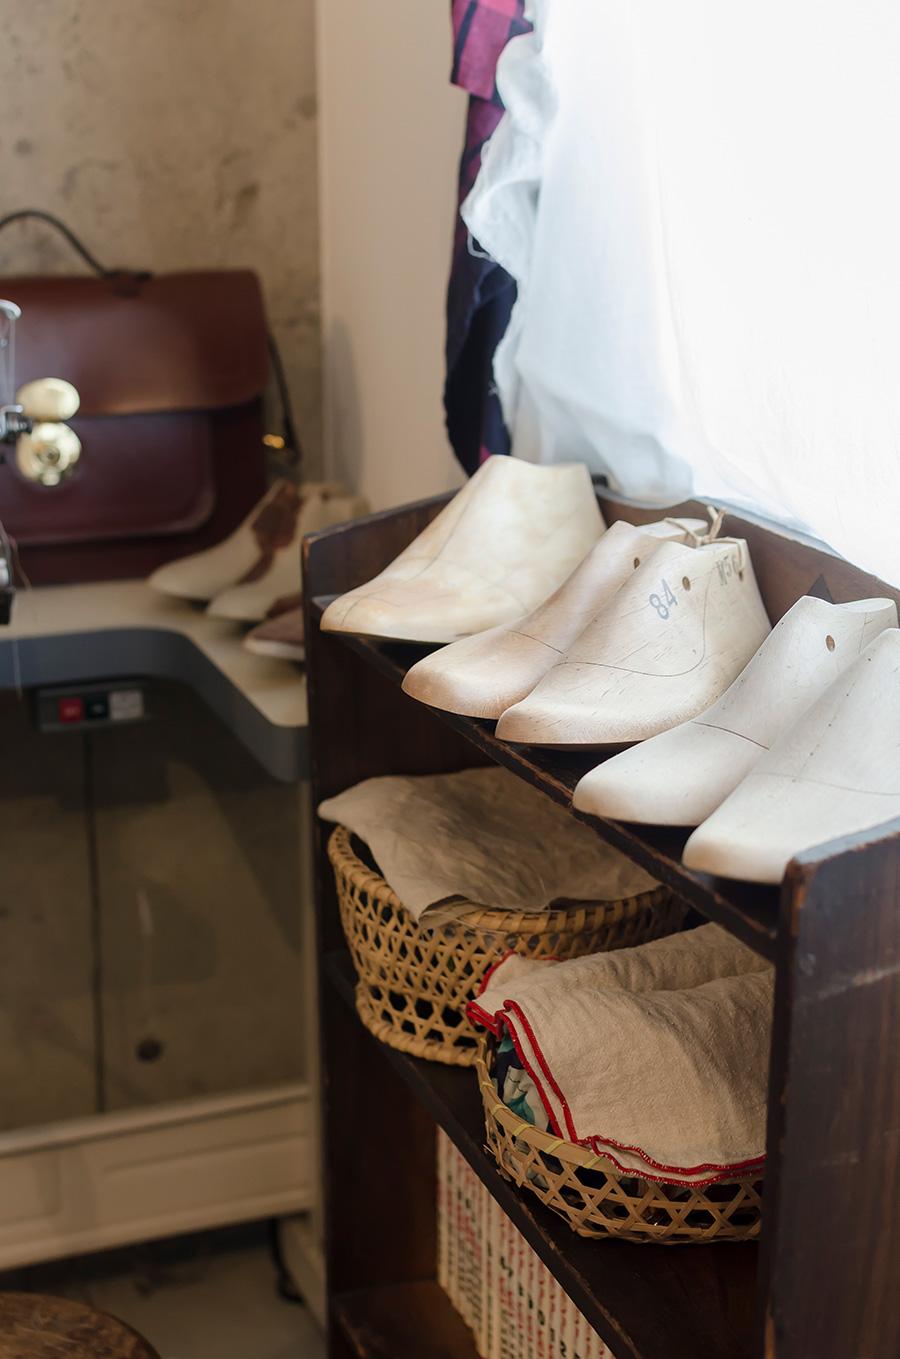 ラストと呼ばれる木型など、靴作りの道具が並ぶ玄関。